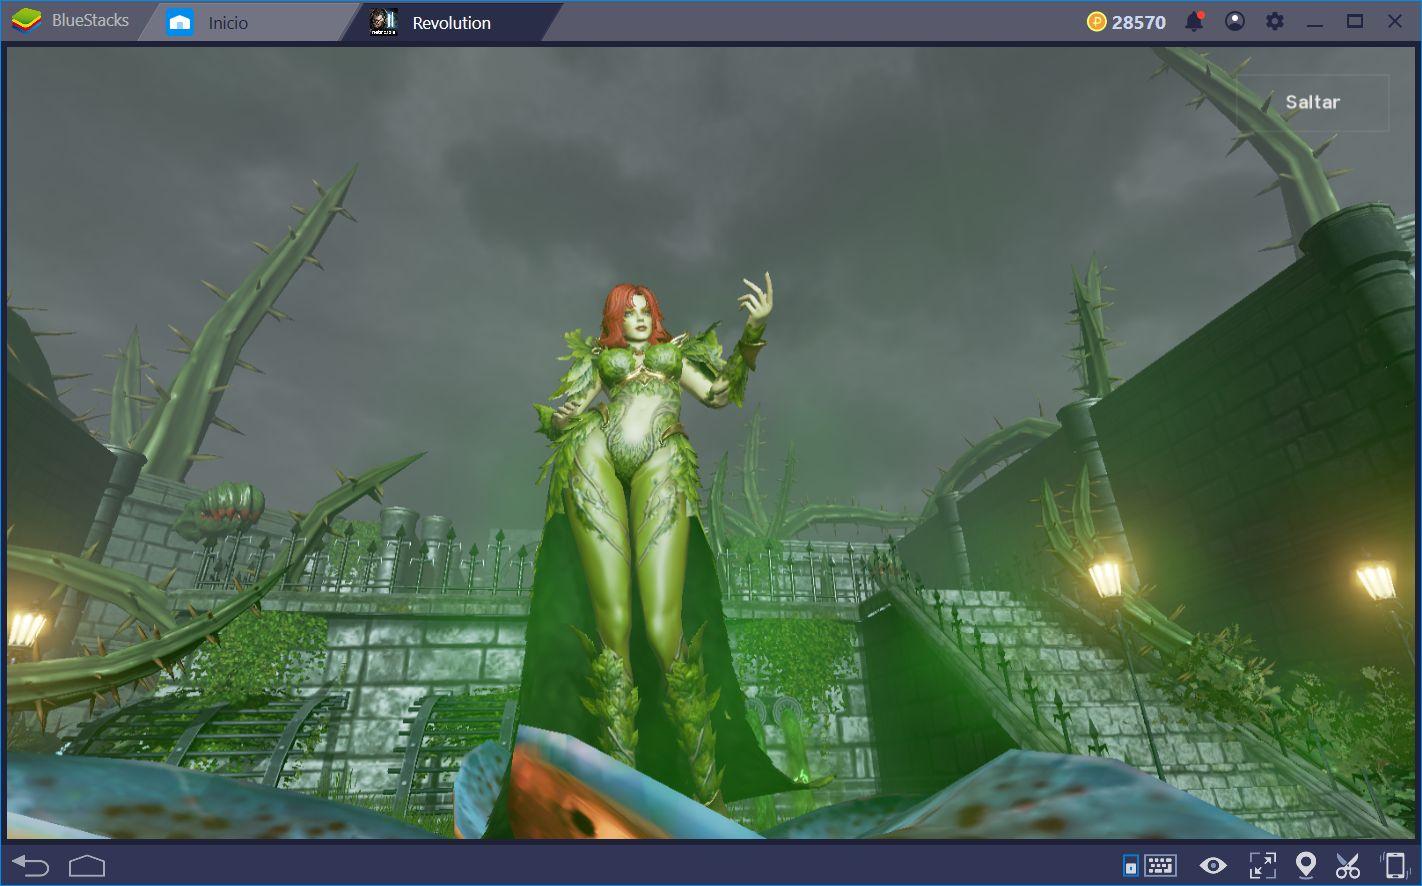 El Nuevo Evento de DC Comics en Lineage 2 Revolution